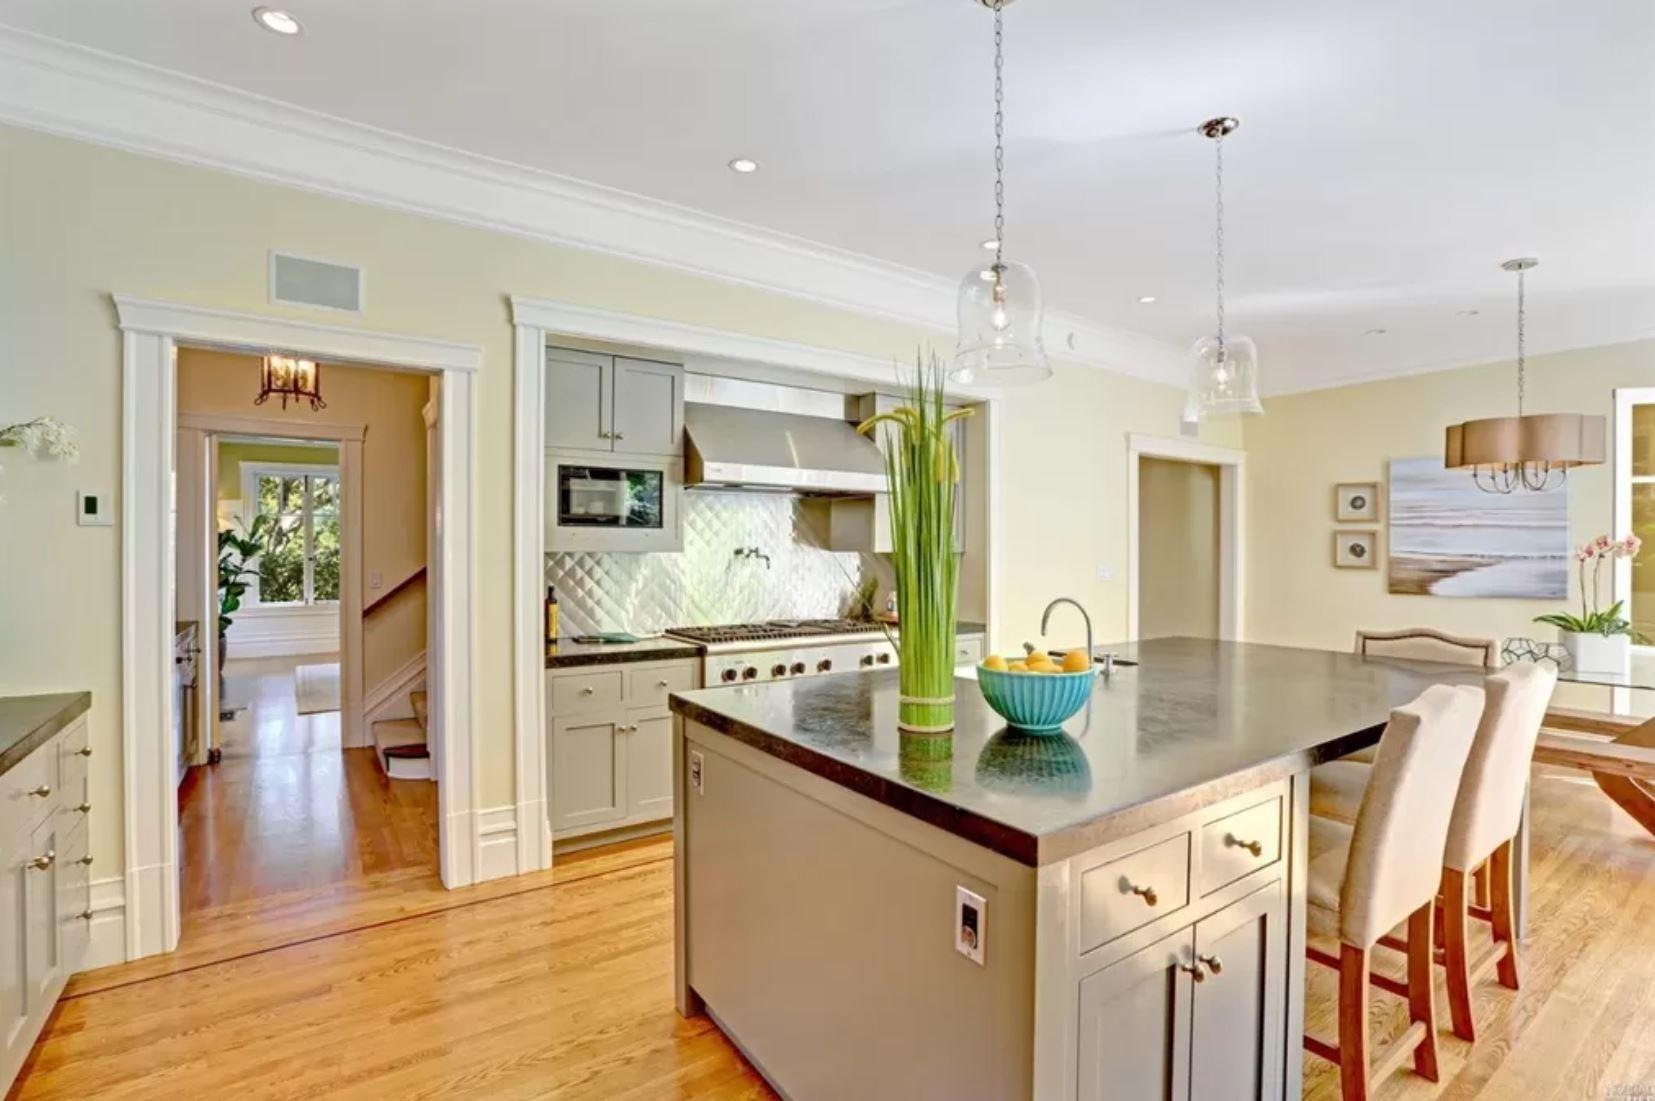 Phil Lesh's kitchen